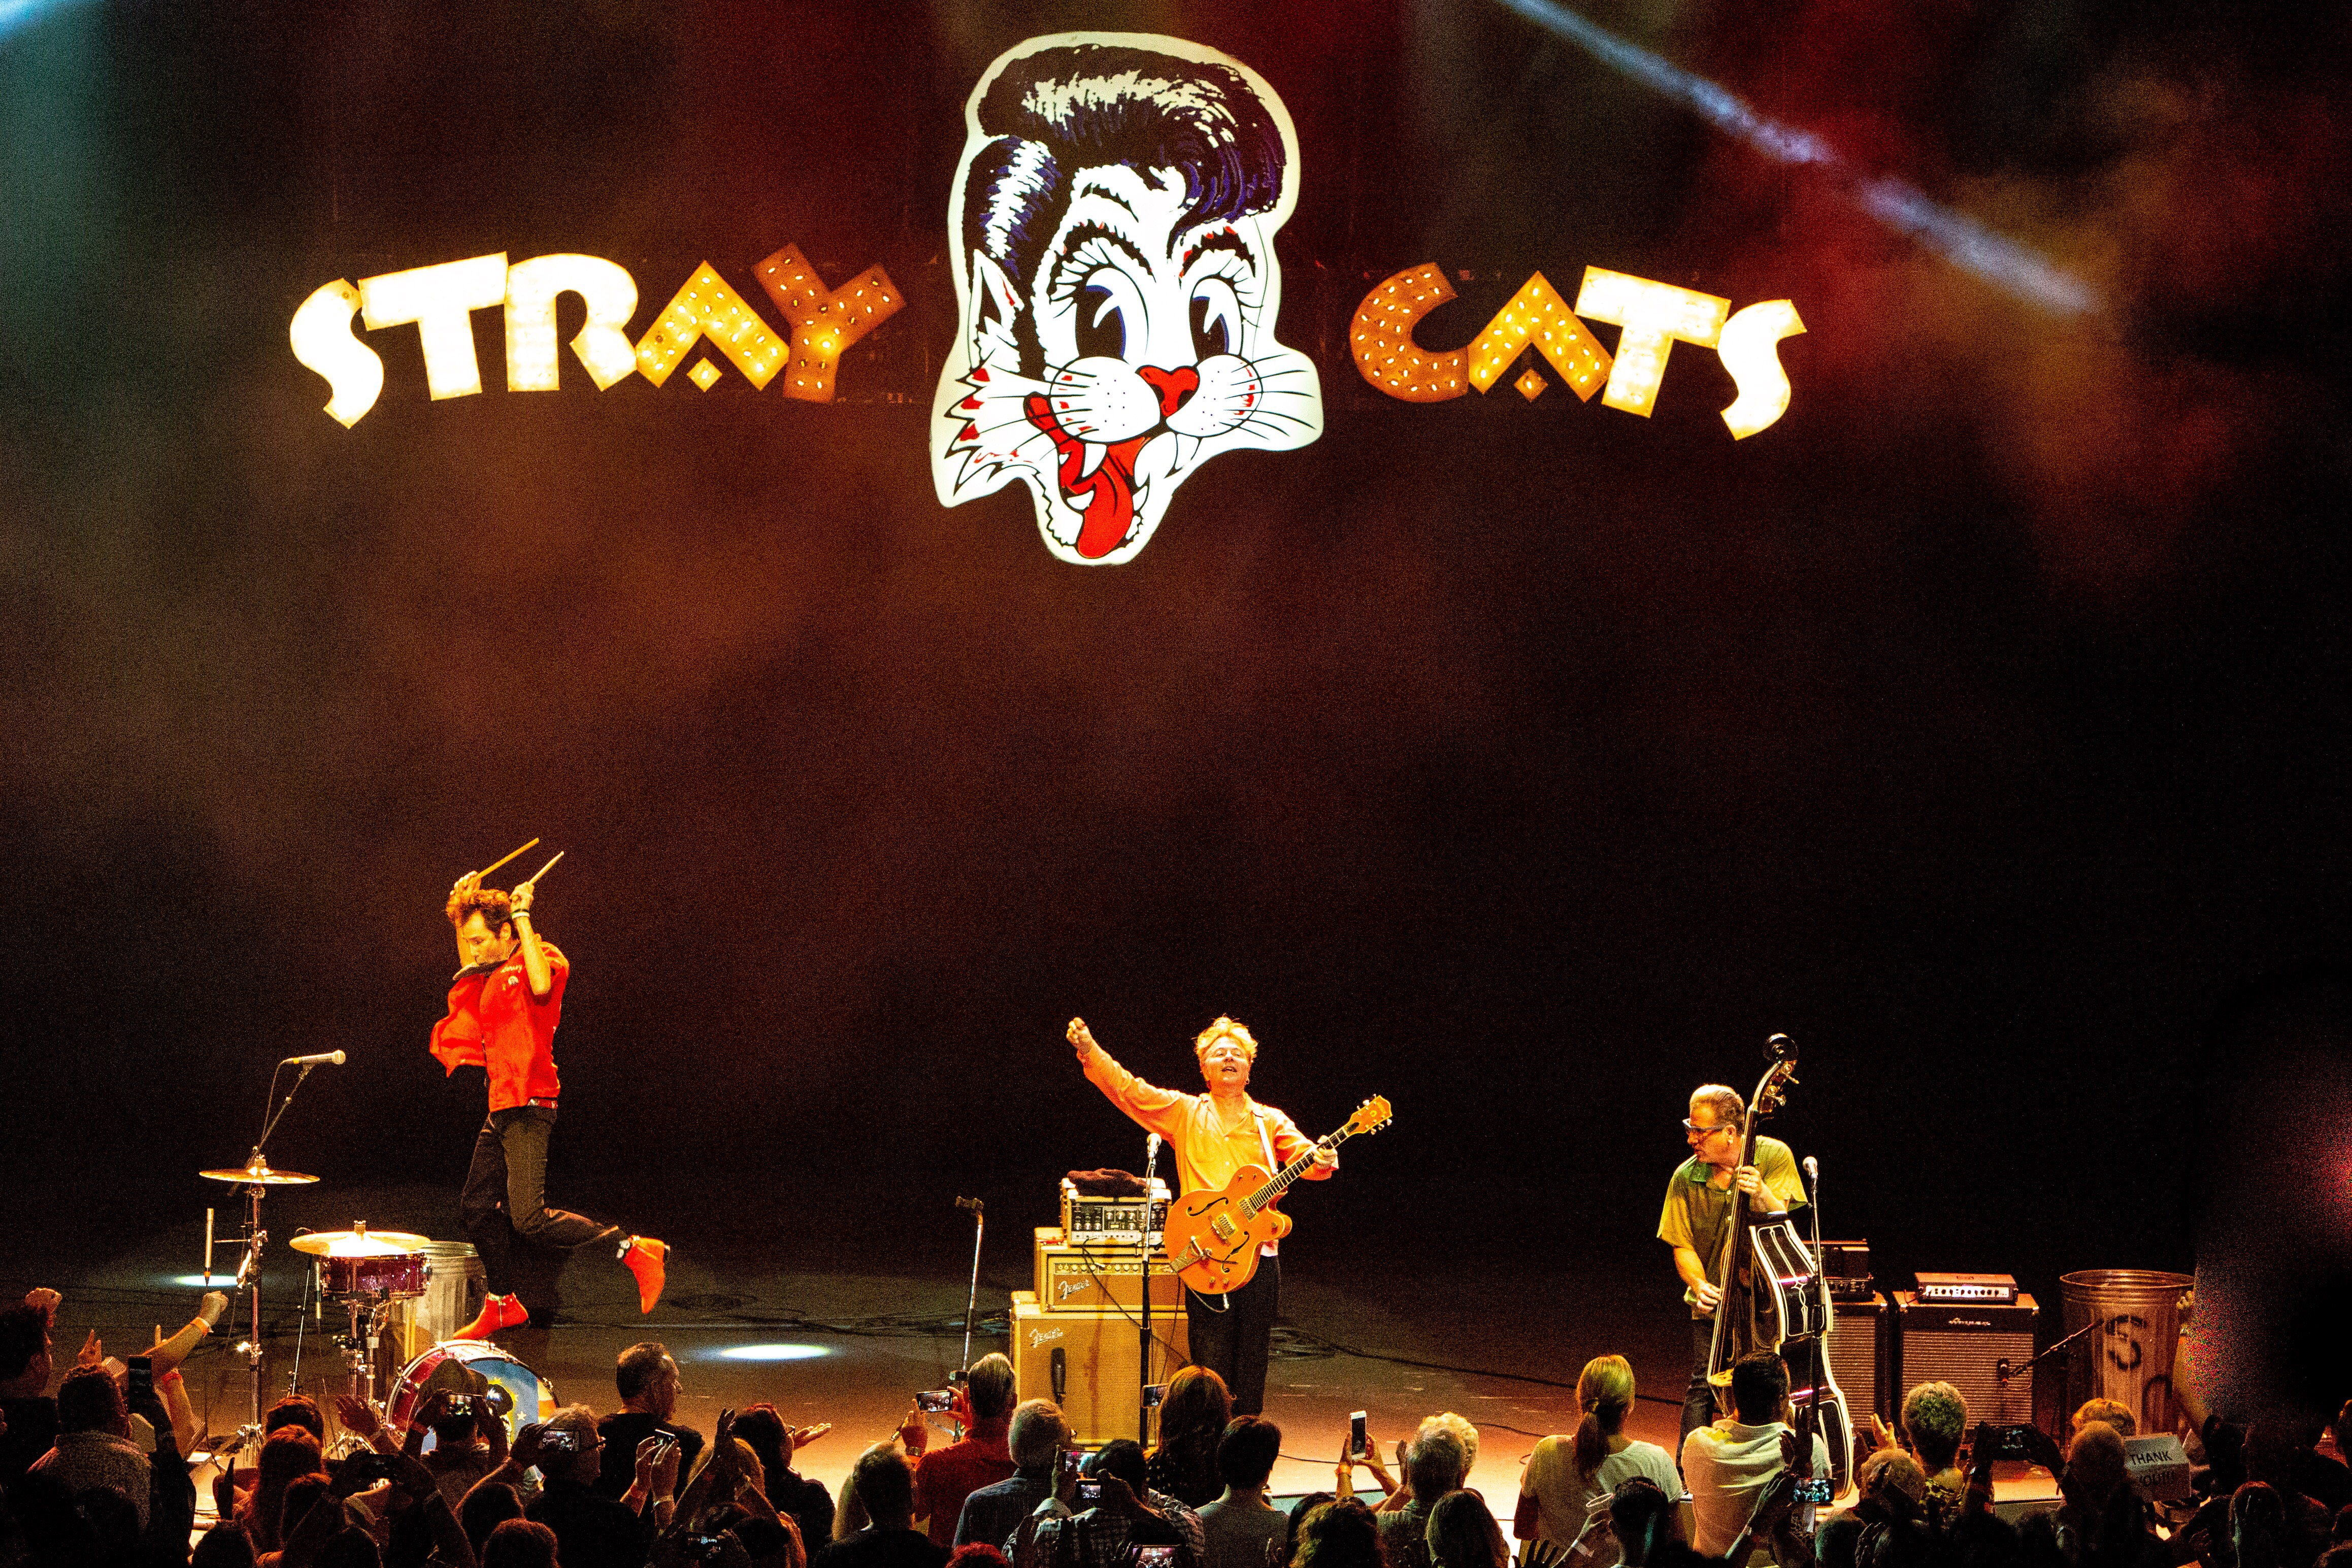 Stray Cats Suomessa